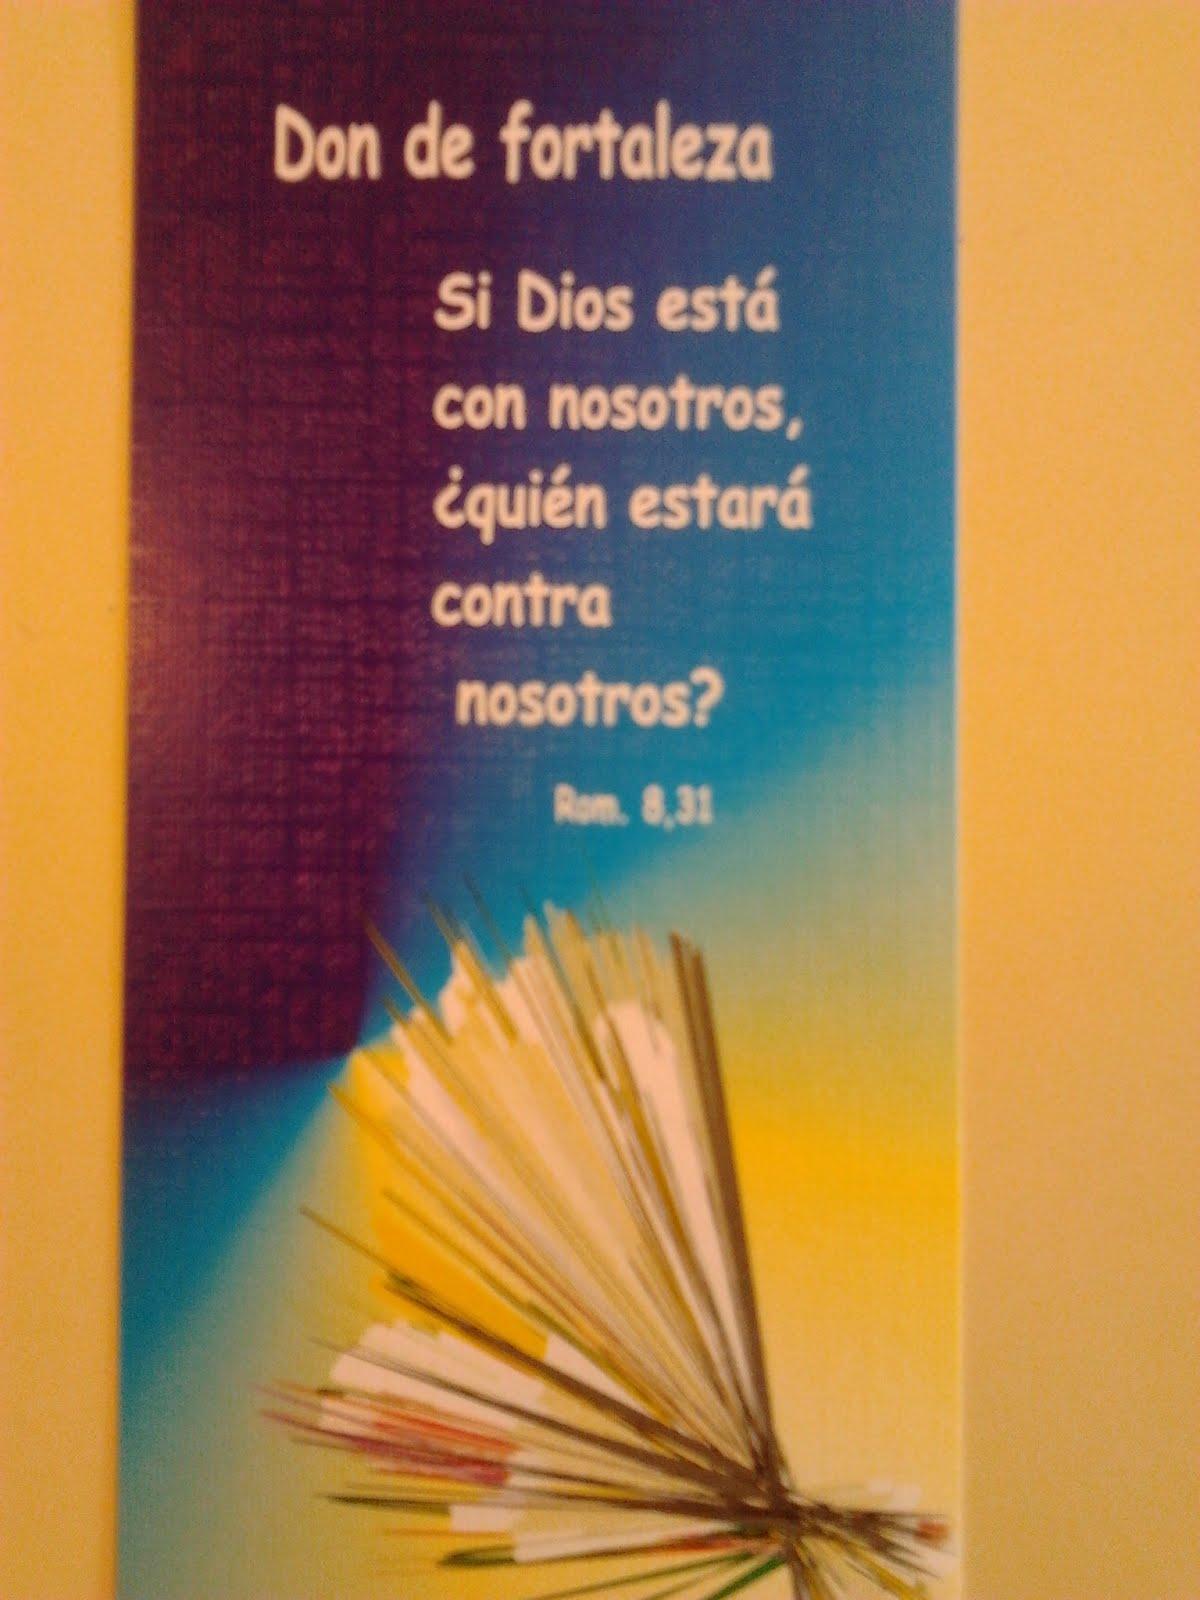 Bienvenidos/as a nuetro blog de religión!